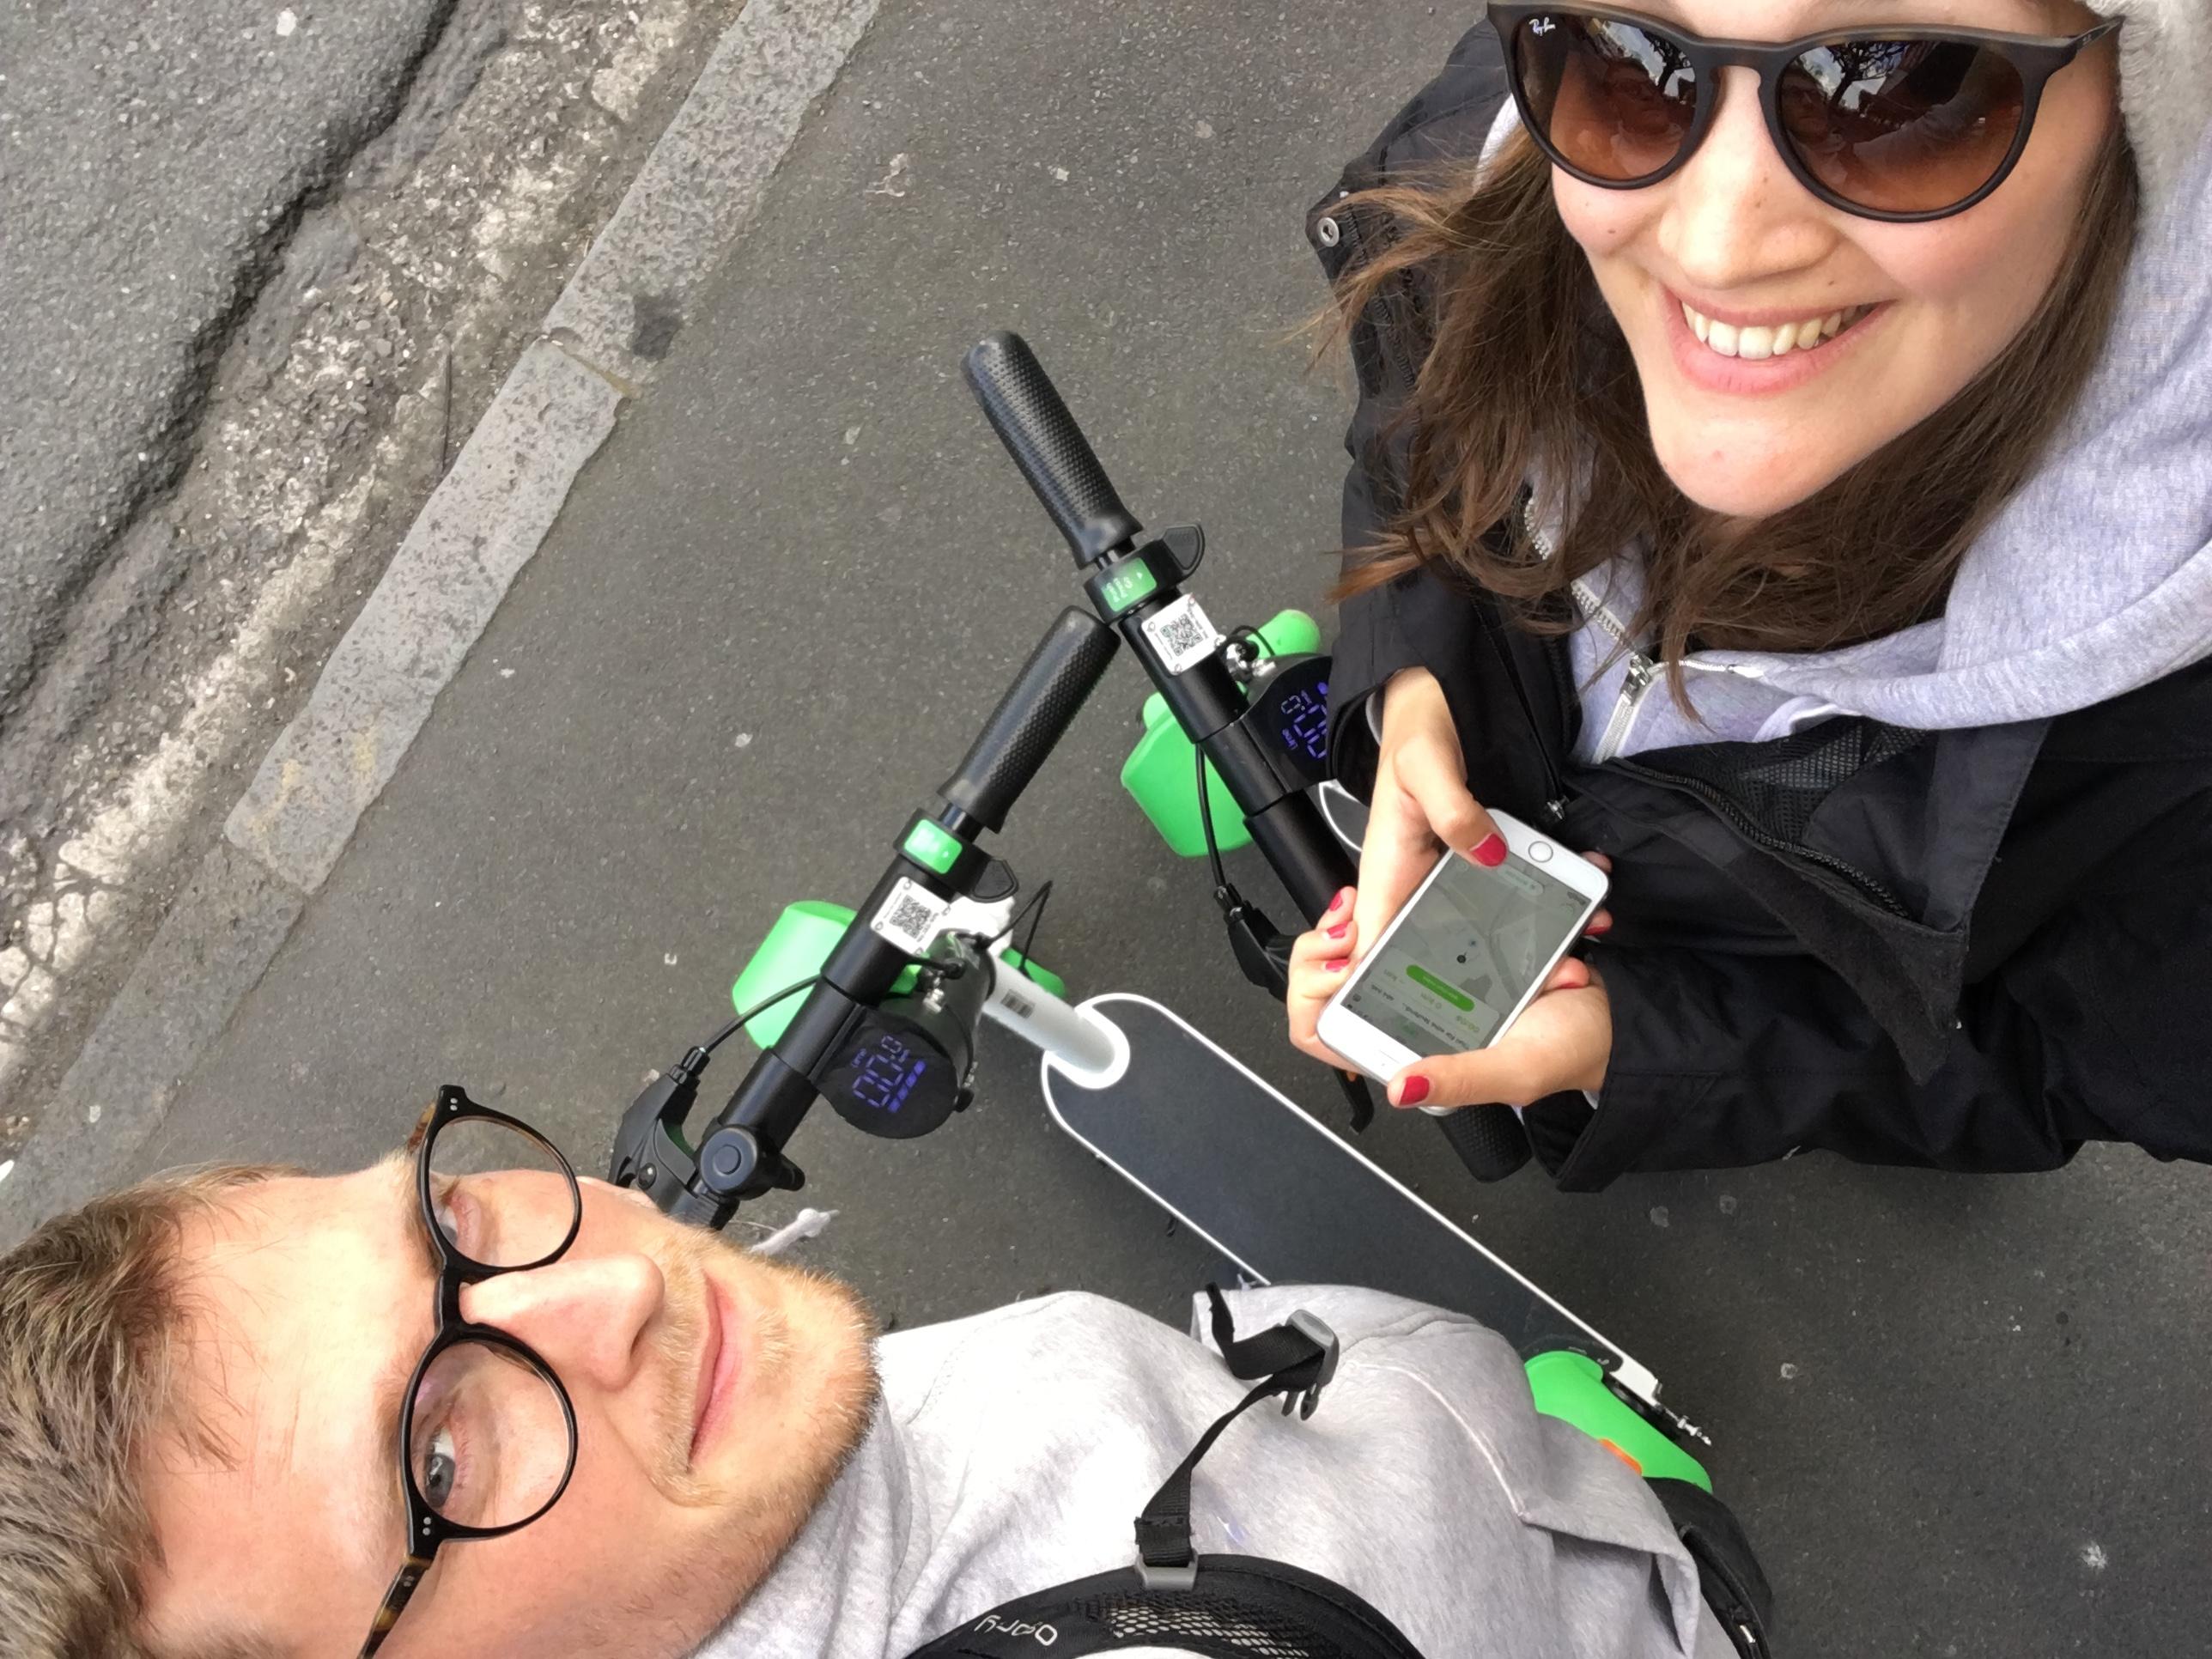 Mit der App lassen sich die Scooter finden.